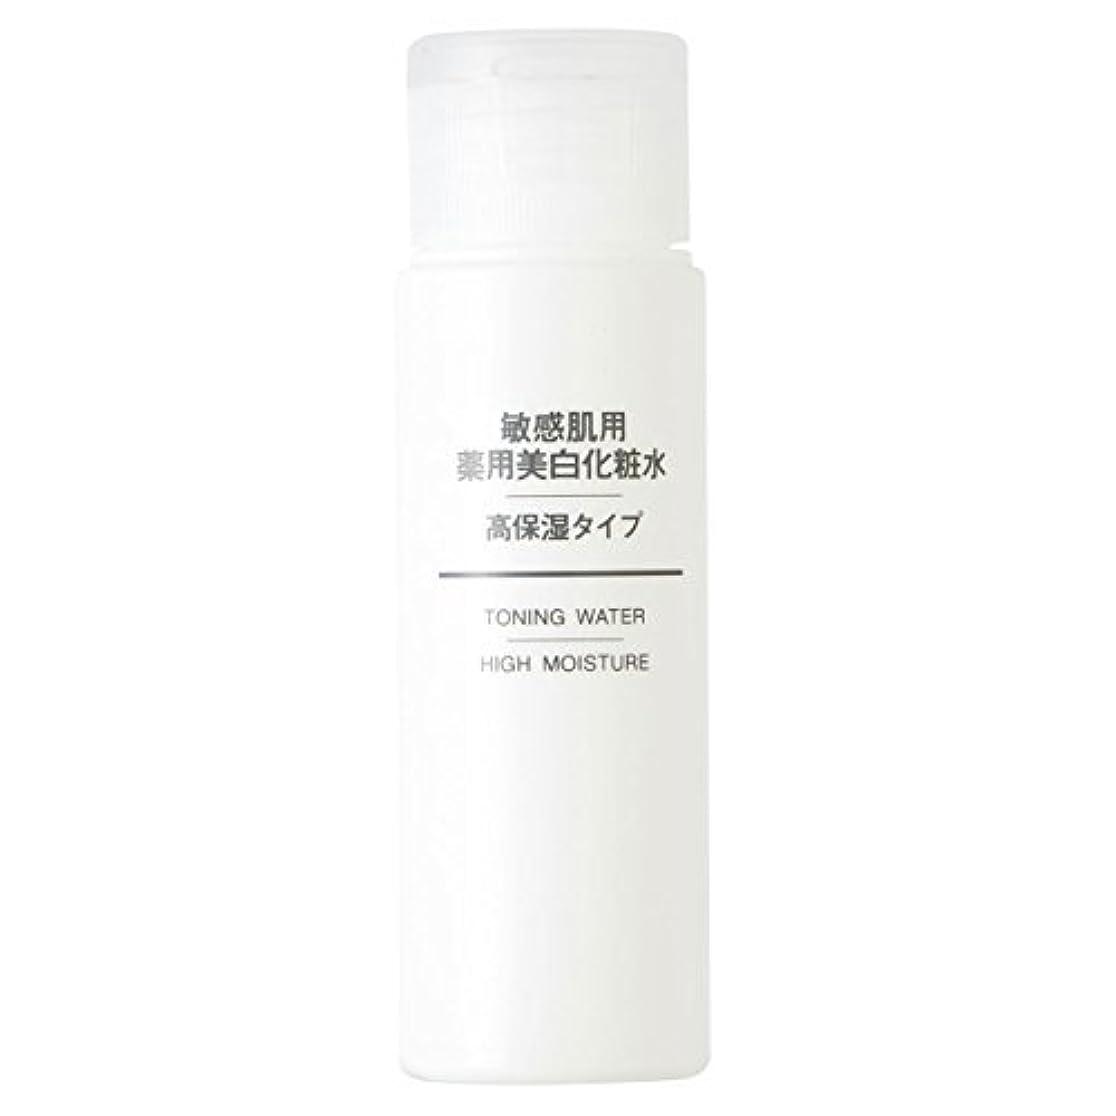 ジャンル本当のことを言うと資本無印良品 敏感肌用 薬用美白化粧水 高保湿タイプ(携帯用) (新)50ml